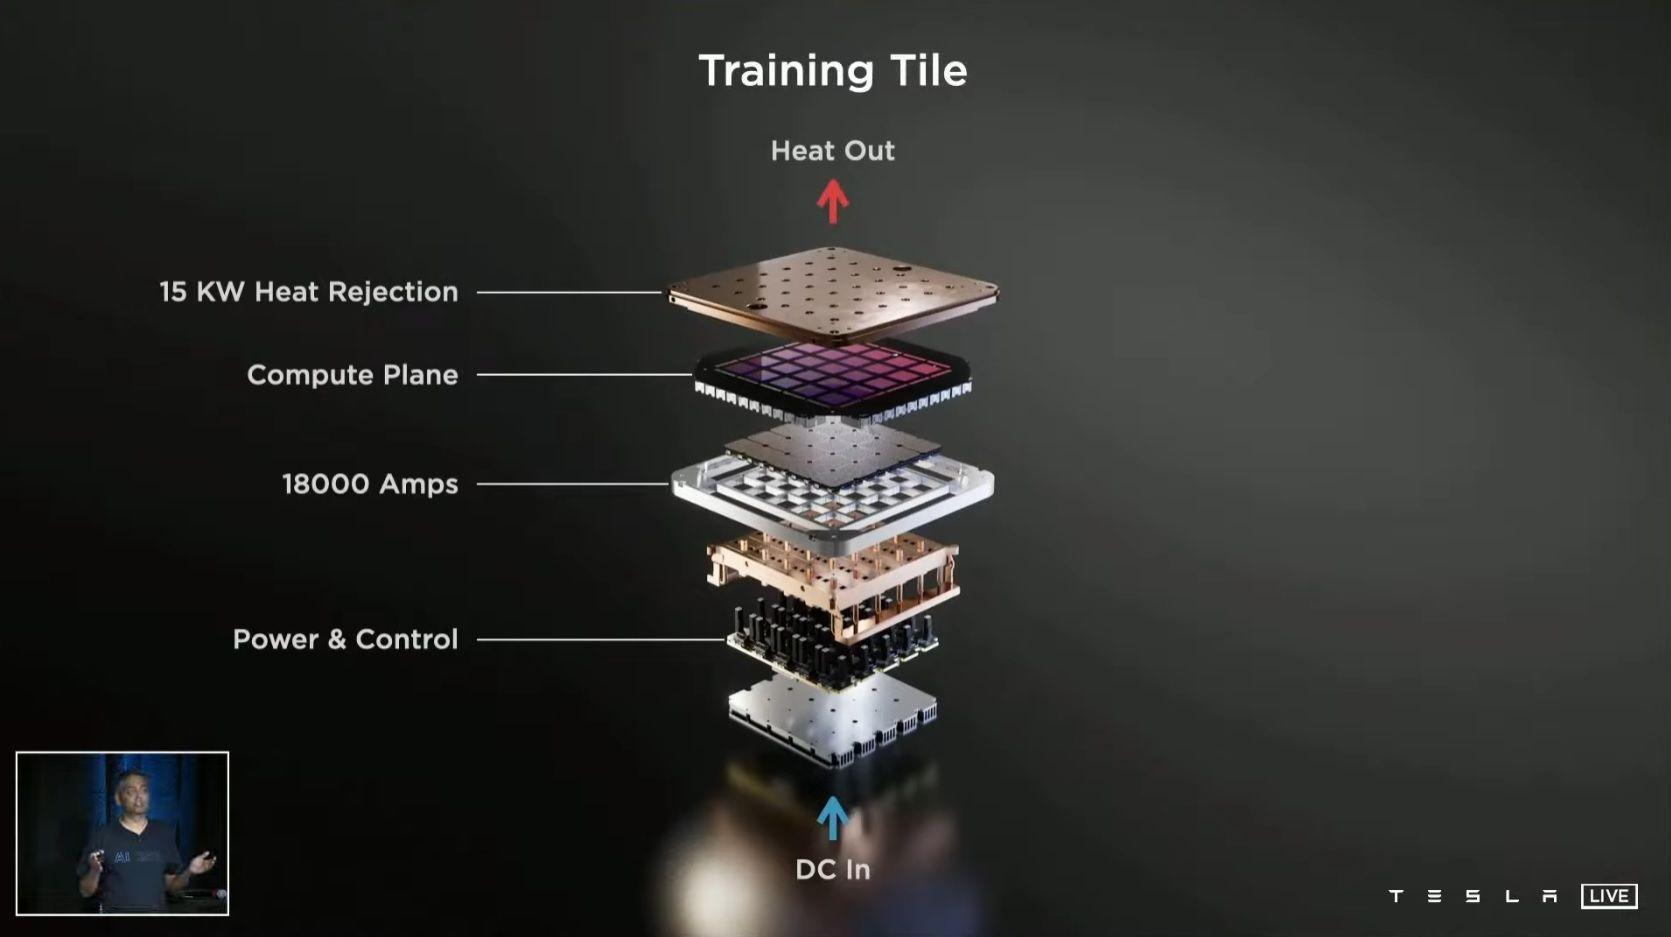 Tesla Training Tile